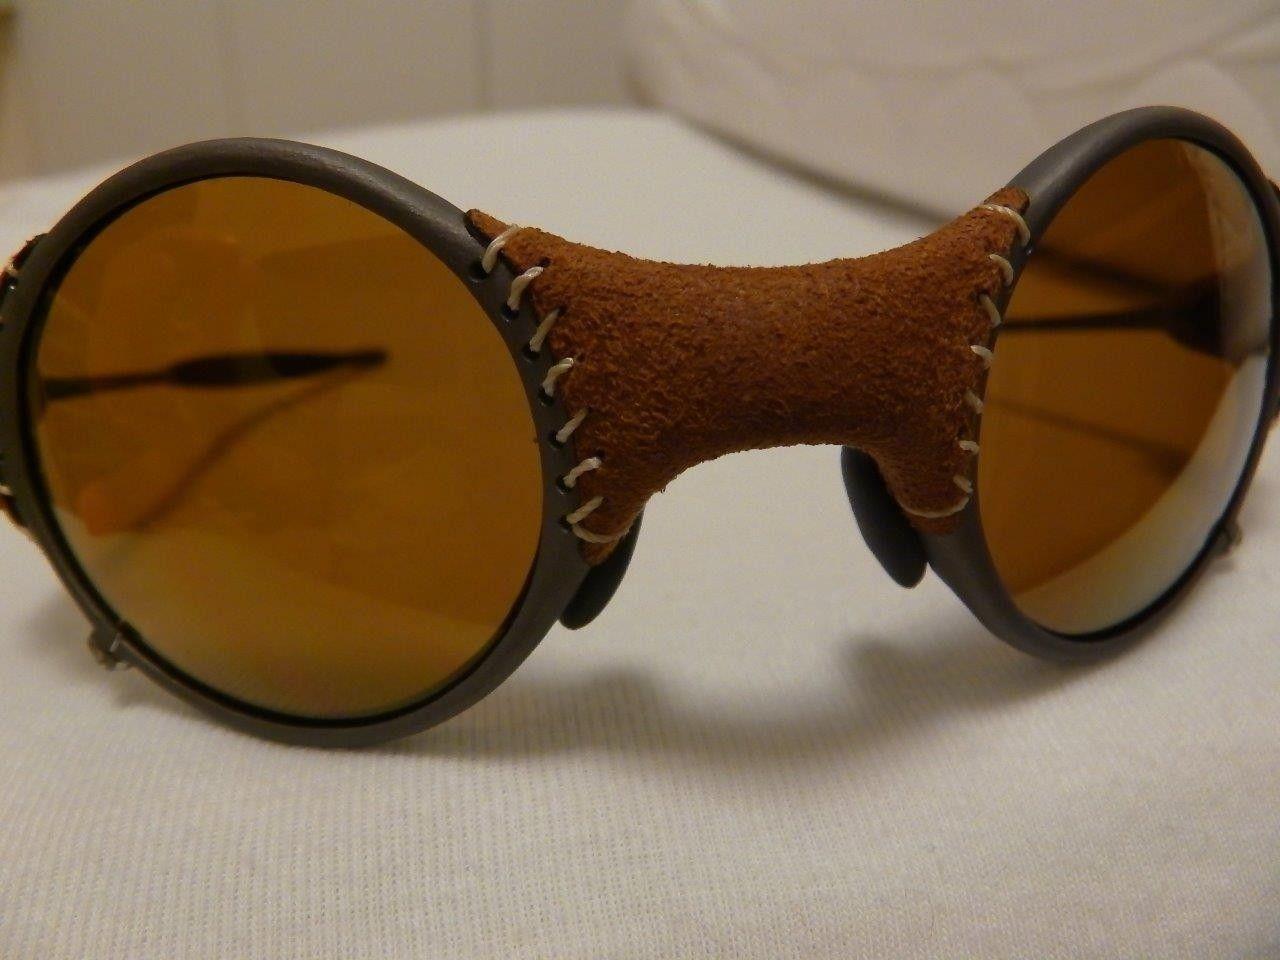 MARS Leather Jordan - IMGA0927.jpg